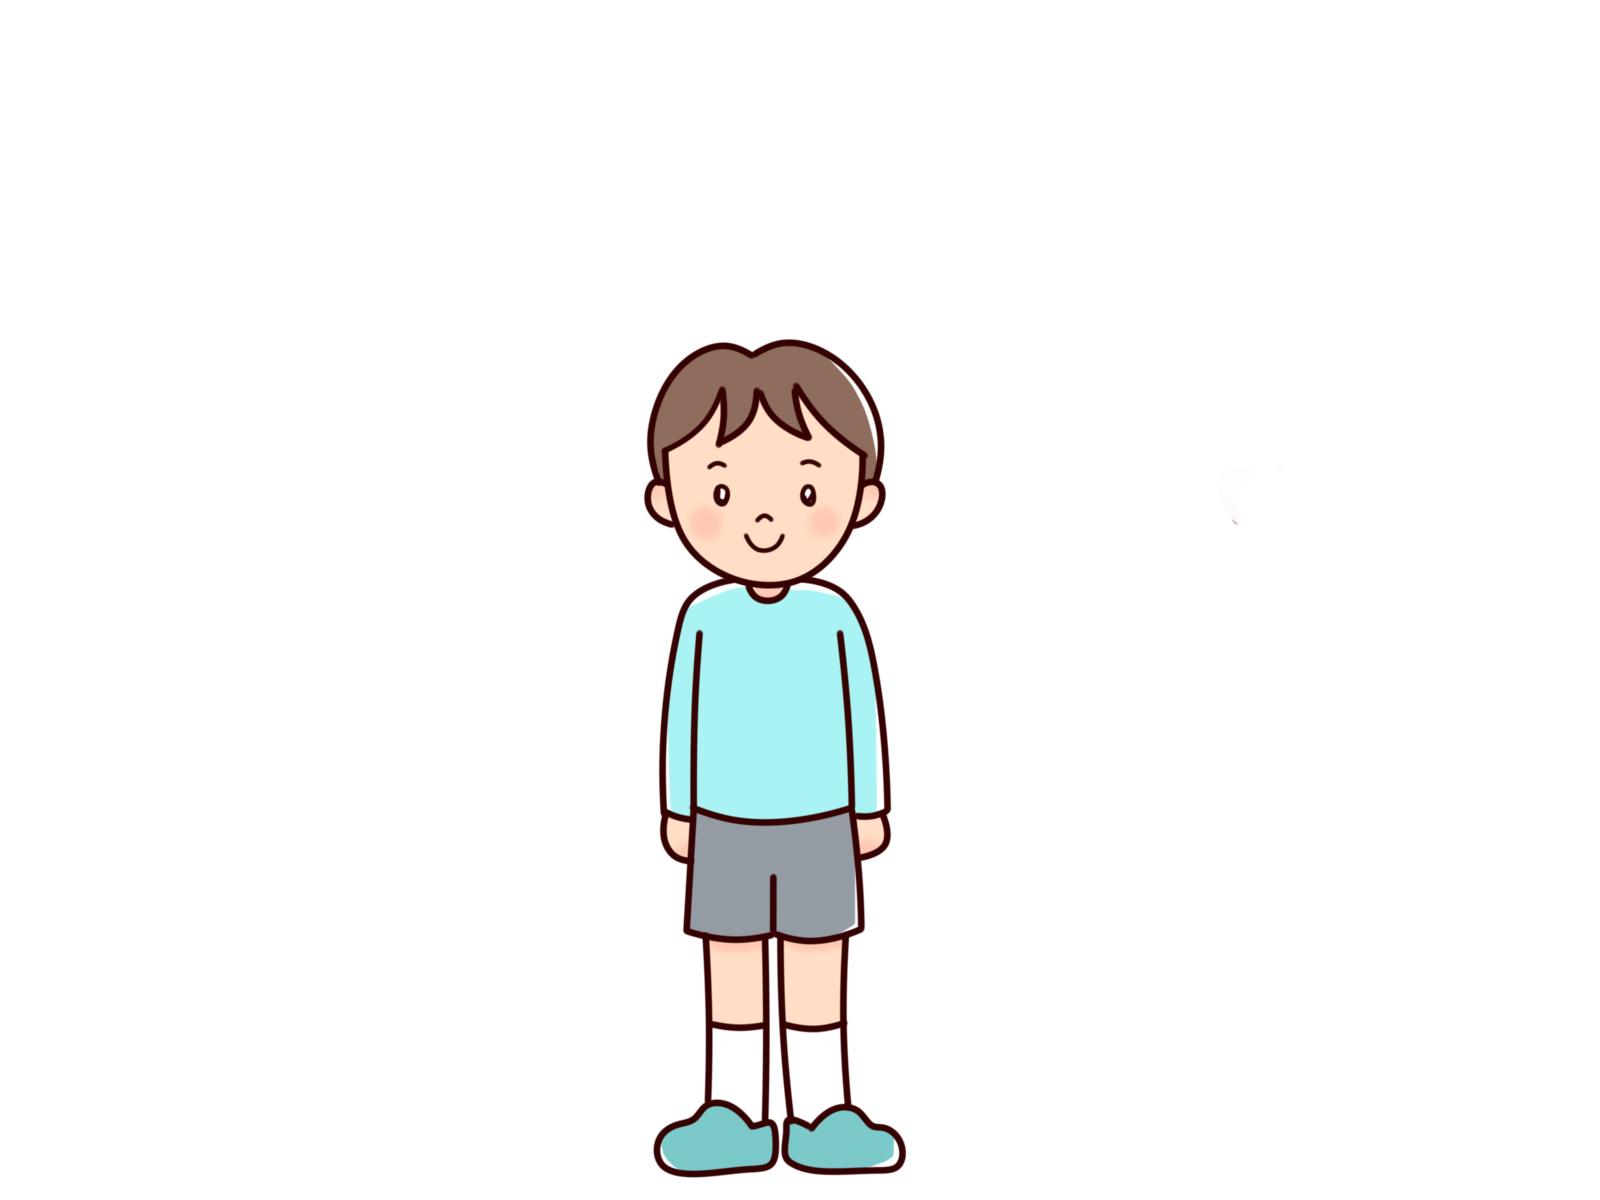 息子のADHDの症状は注意欠陥と衝動性が強く、多動性は弱い